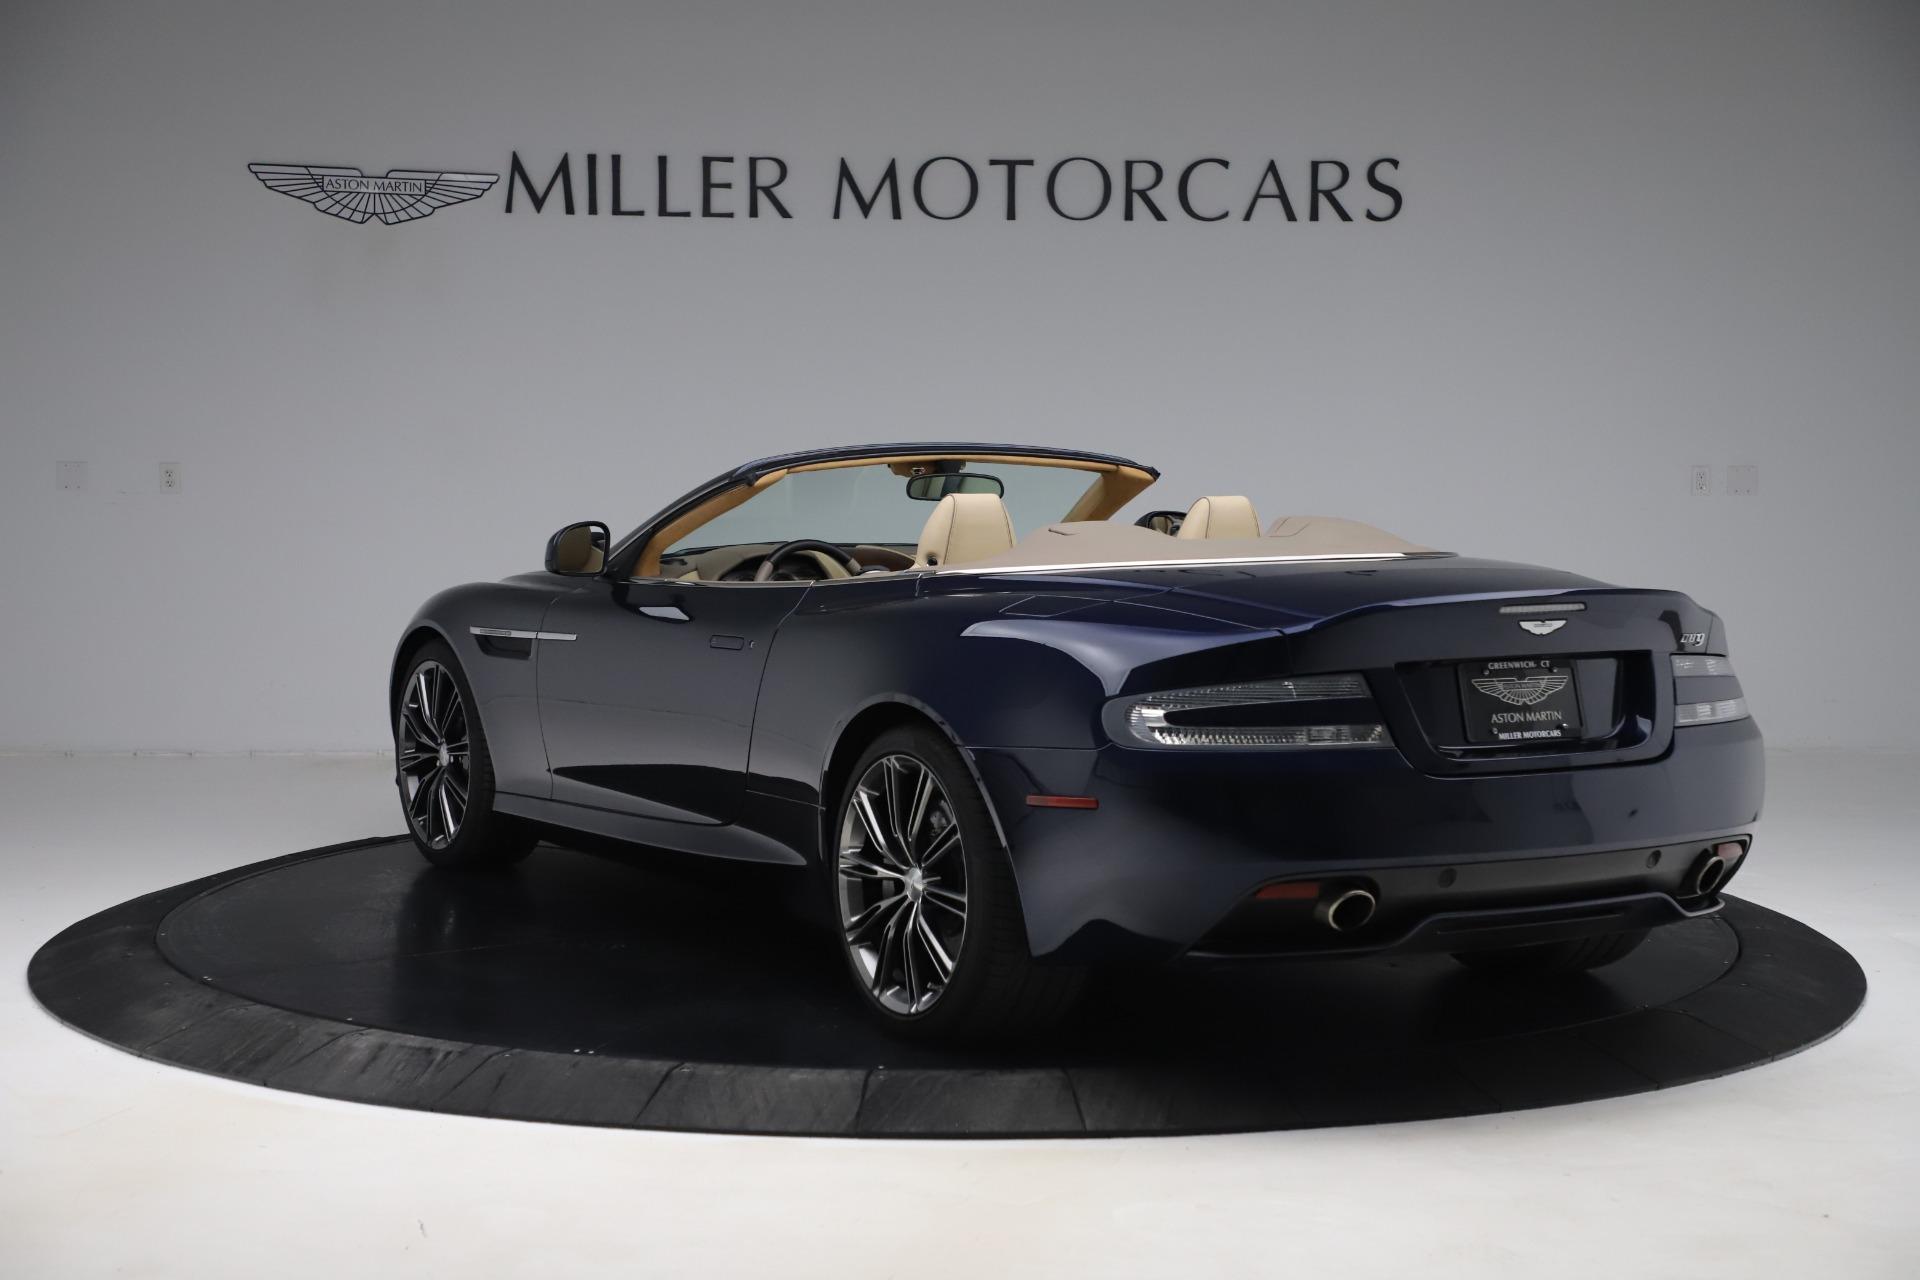 Used 2014 Aston Martin DB9 Volante For Sale In Greenwich, CT 3591_p5